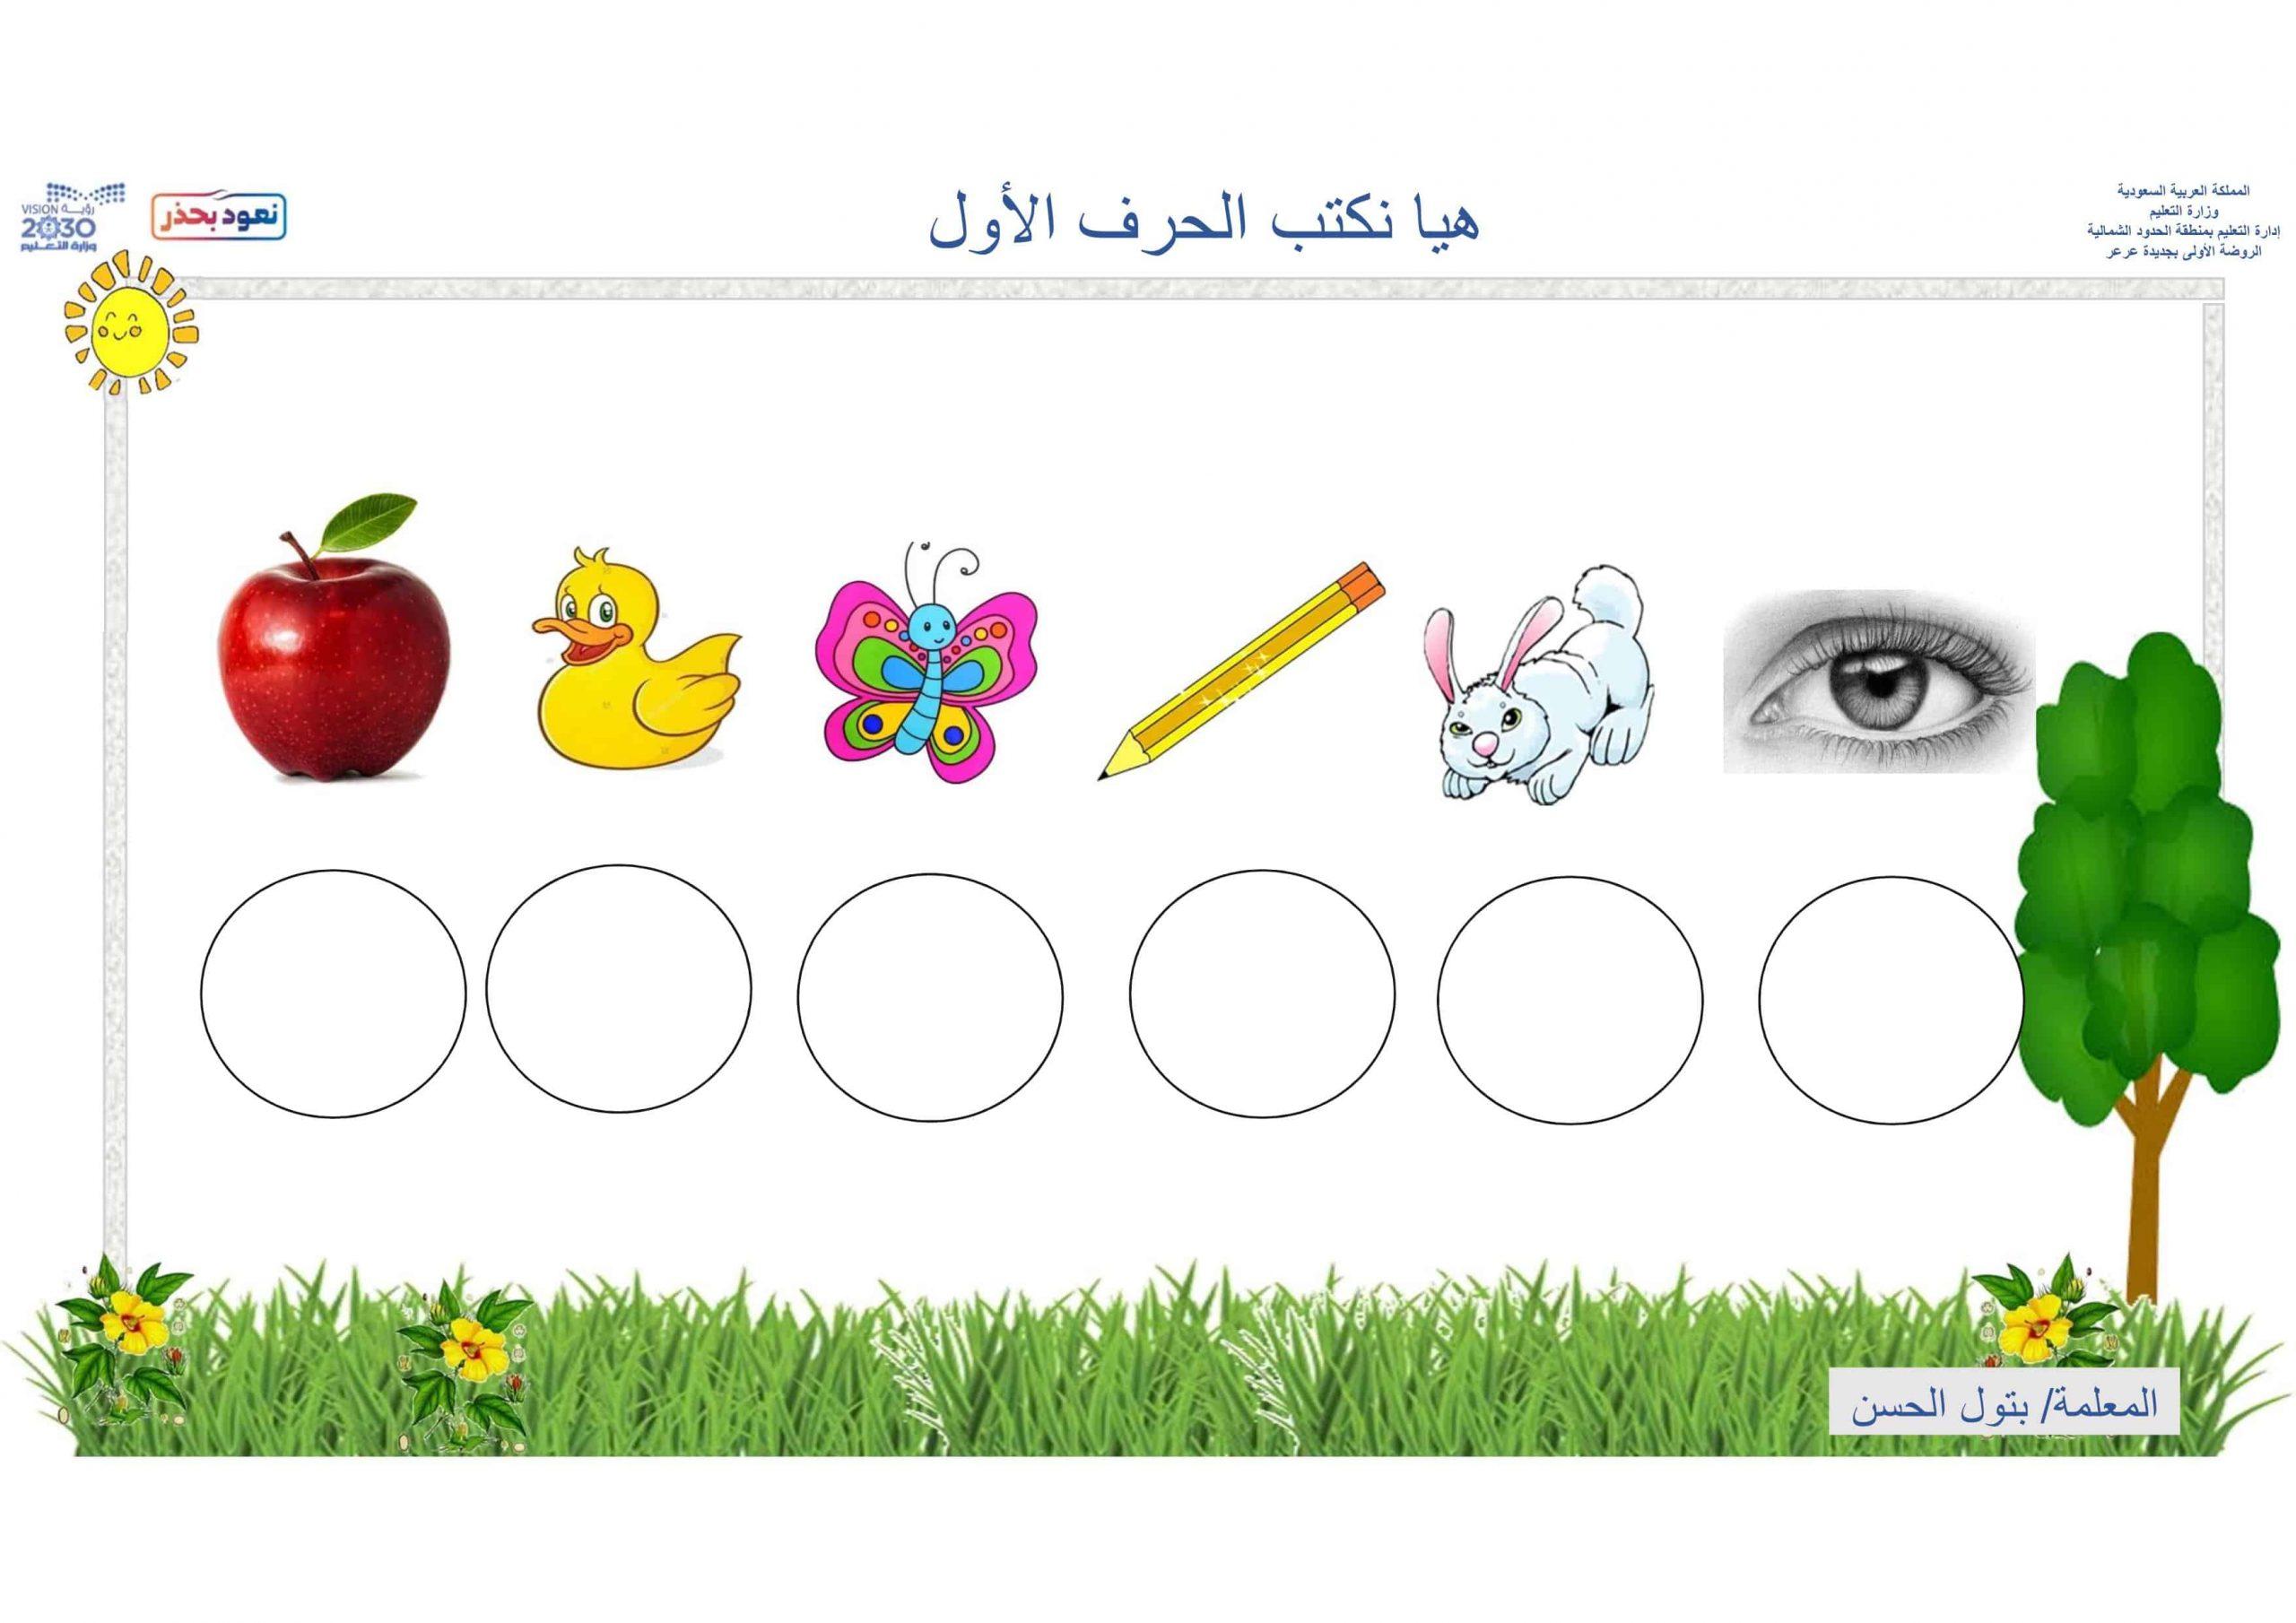 اوراق عمل مراجعة الحروف الهجائية الصف الاول مادة اللغة العربية